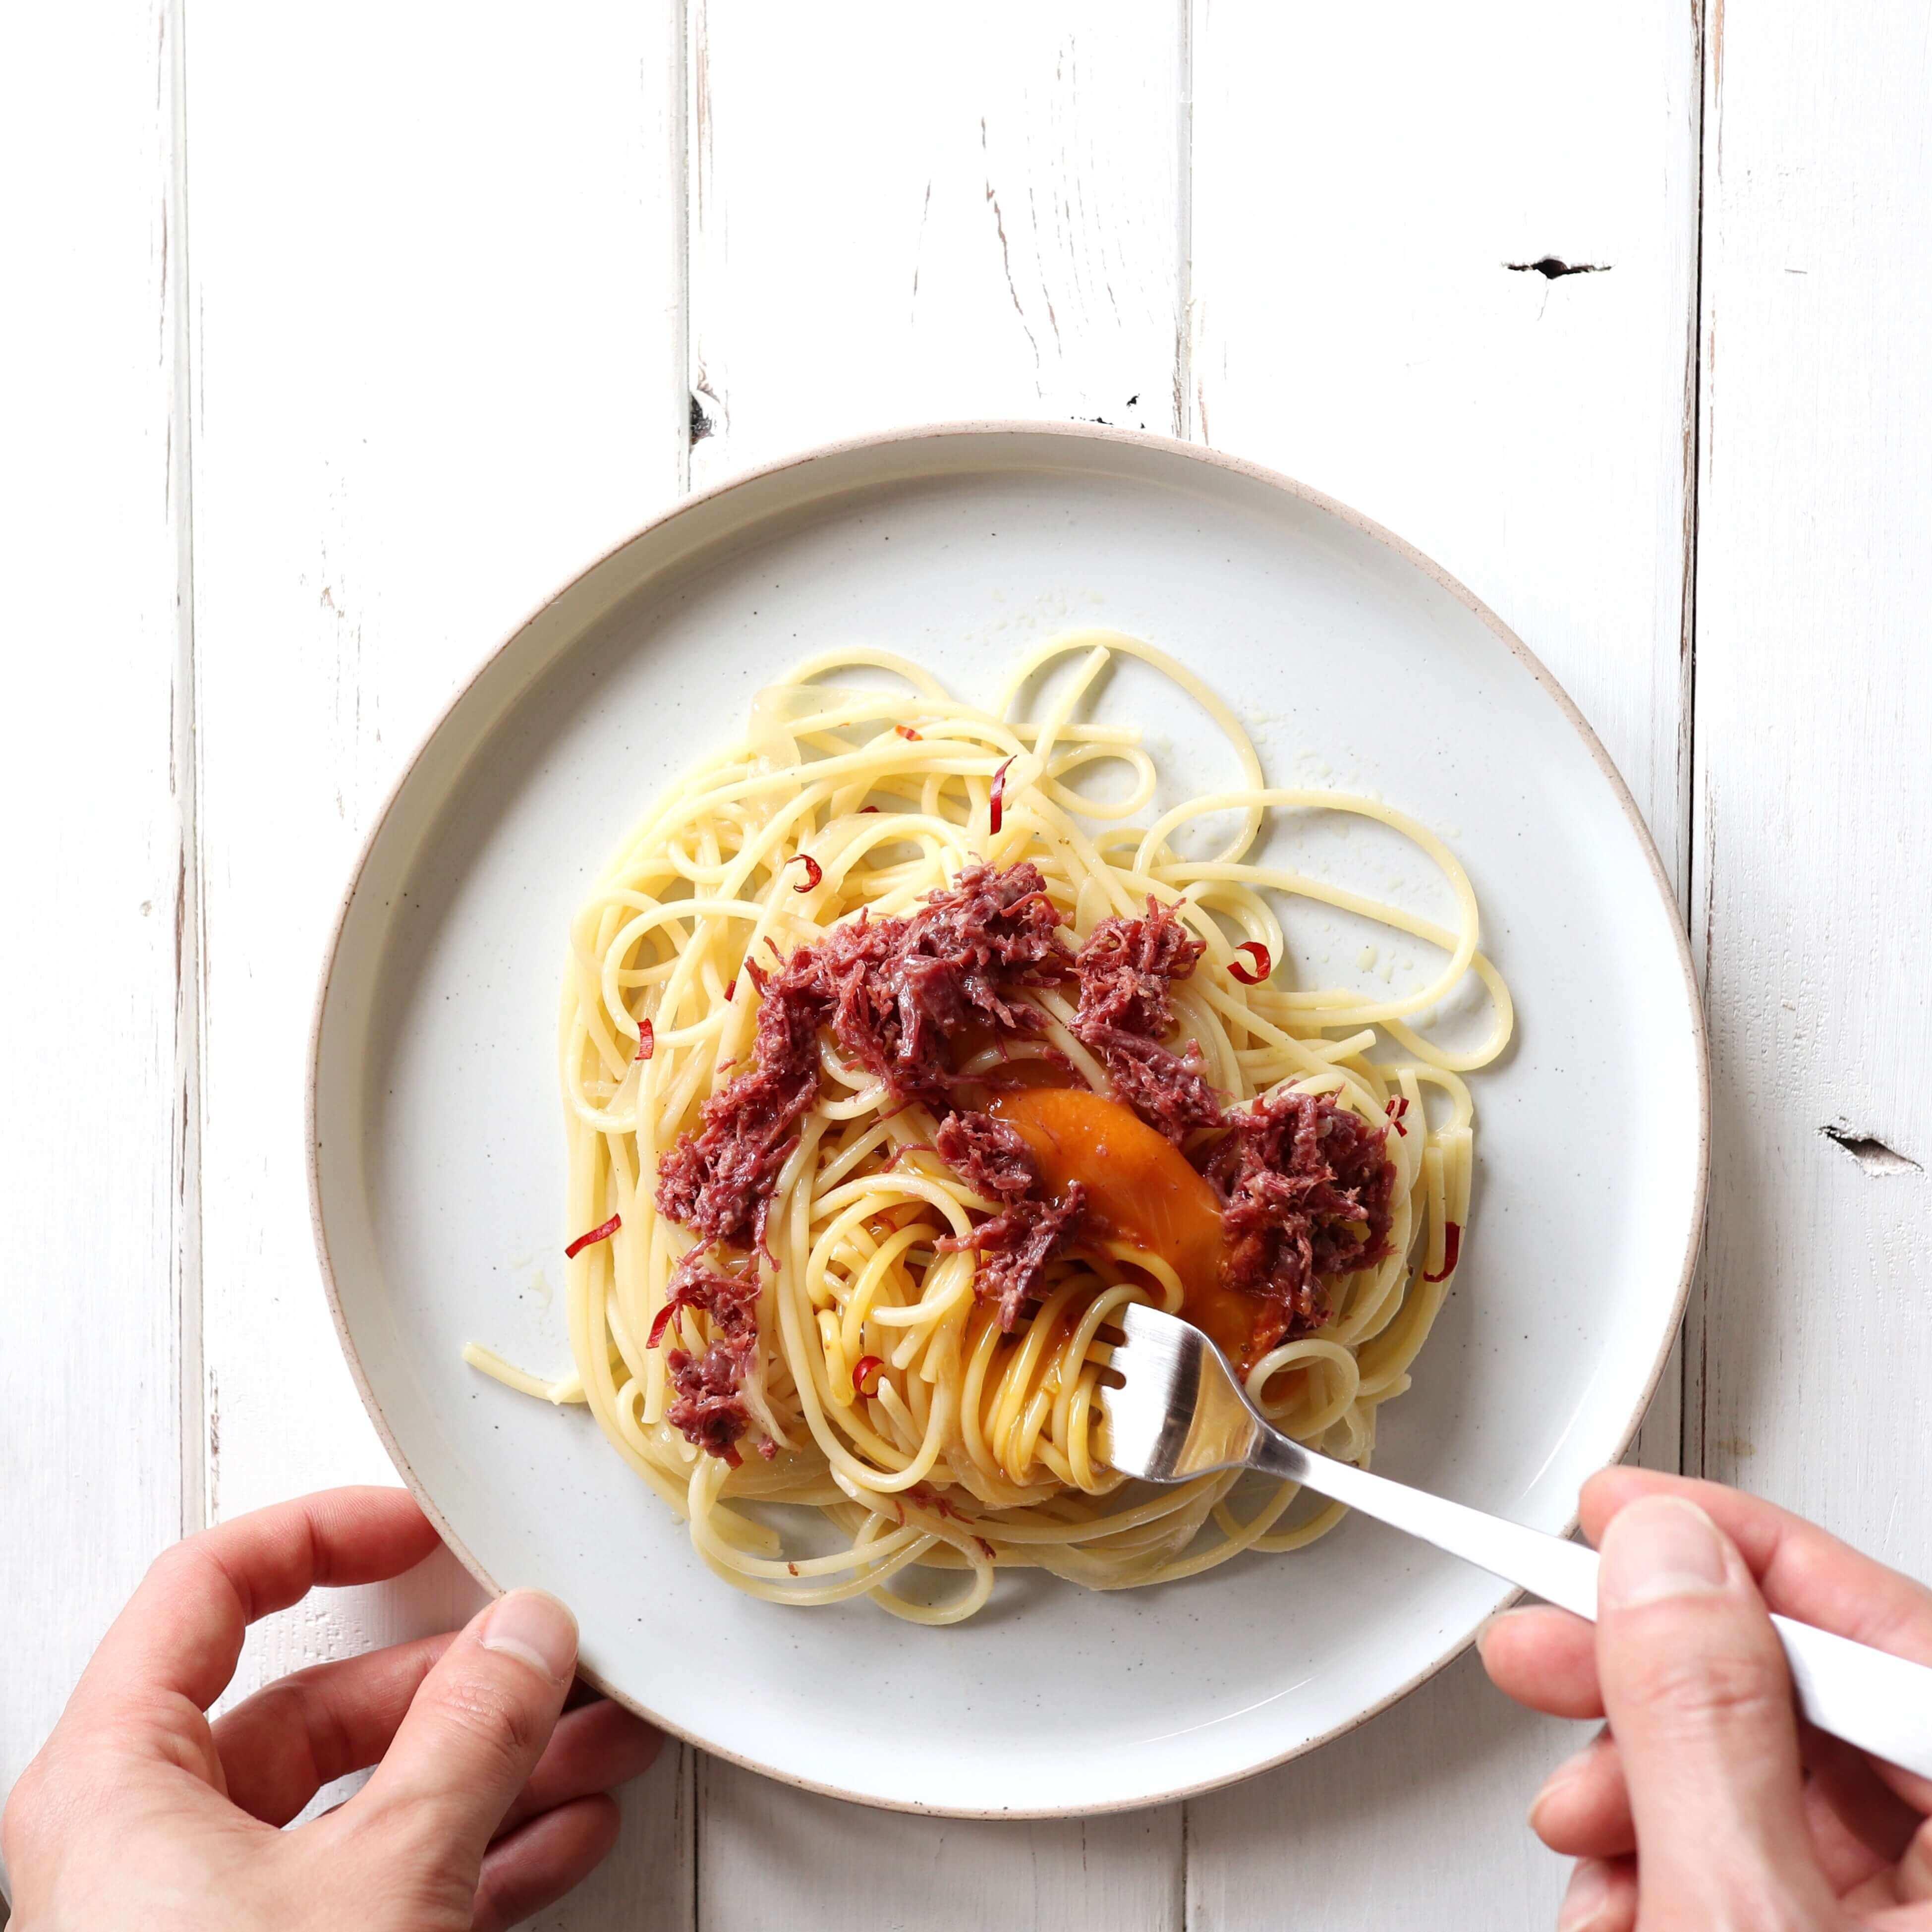 【絶品!】コンビーフと玉ねぎのオイルパスタのレシピ